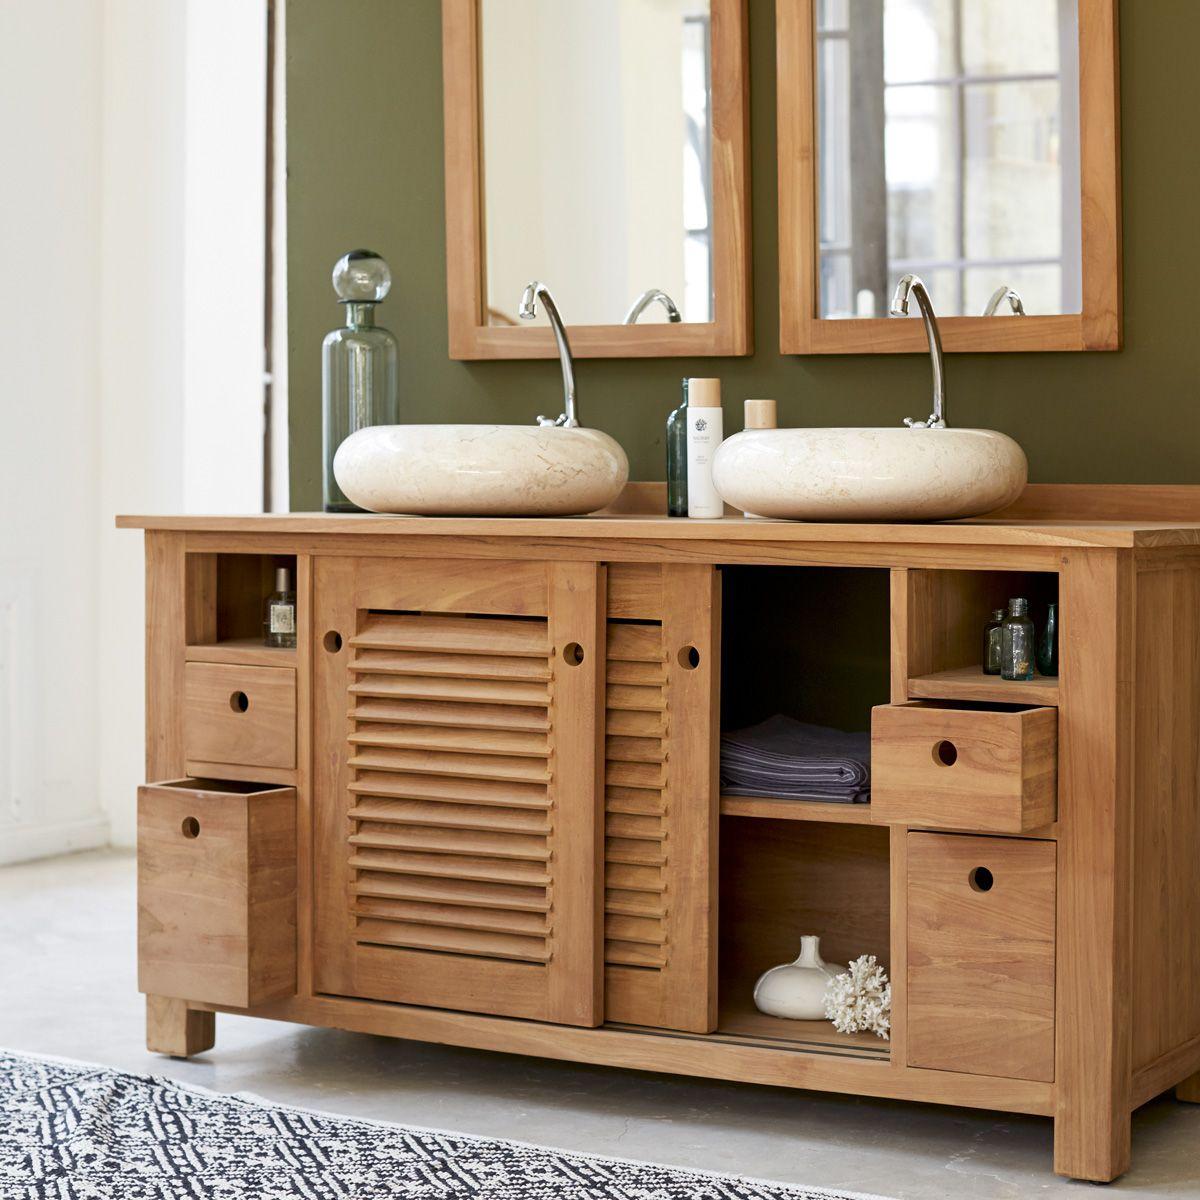 Badunterschrank aus Teak 145 Coline | Waschtisch, Waschbecken und Bäder